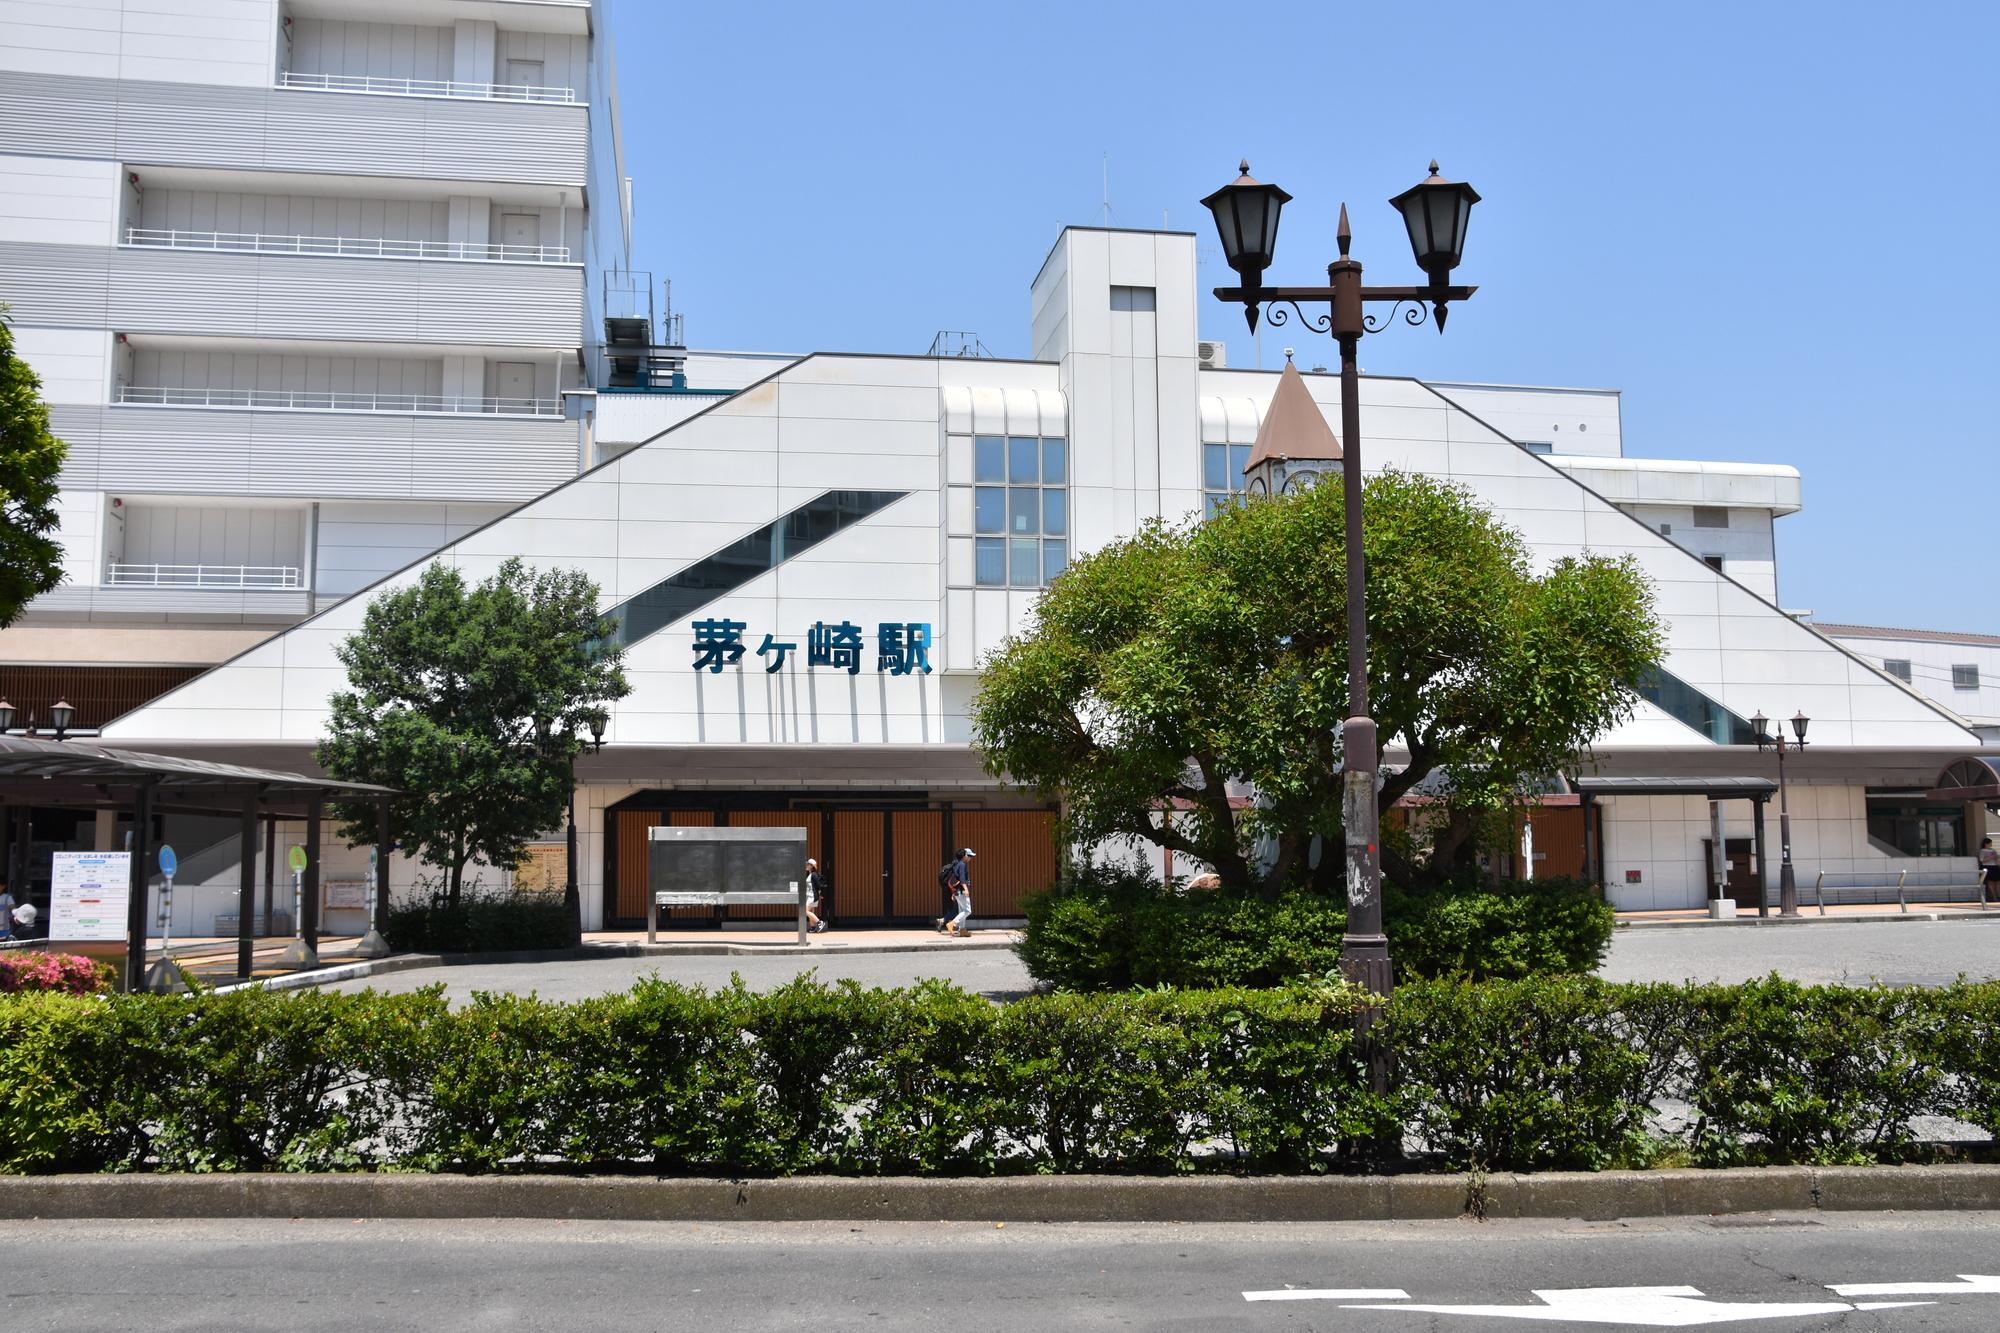 日曜に診療したい方へ!茅ヶ崎駅の歯医者さん、おすすめポイント紹介